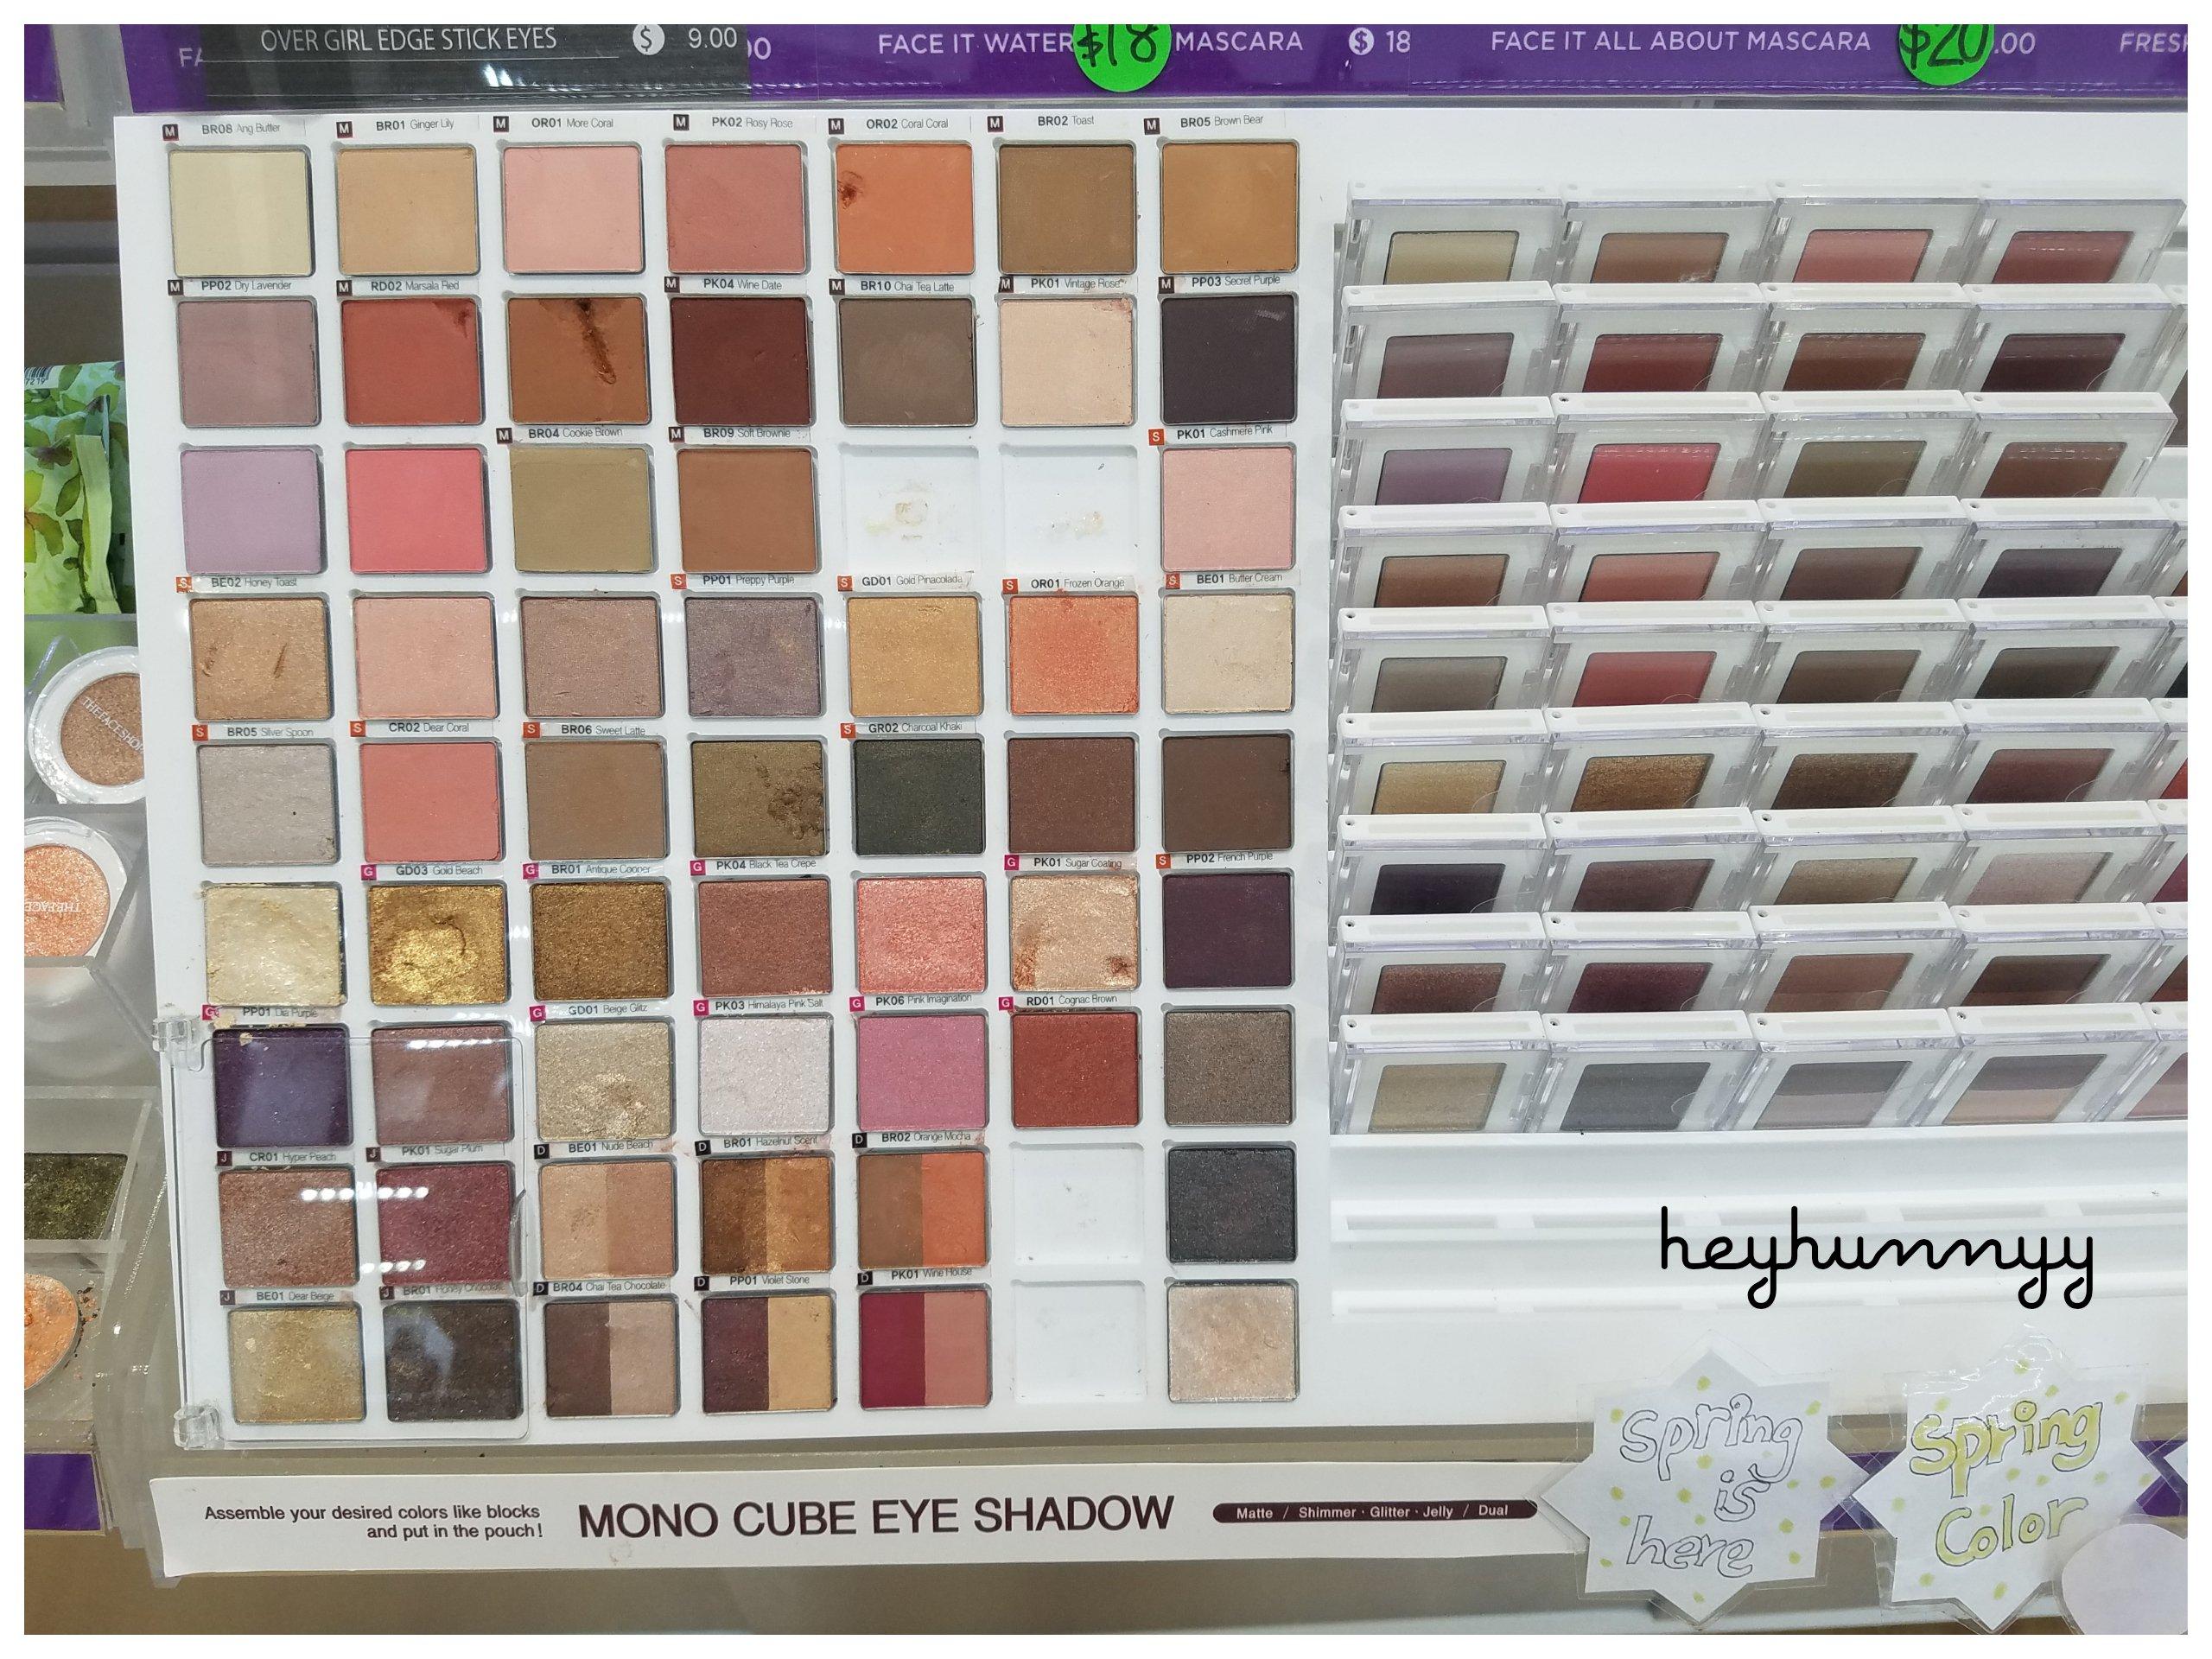 The Face Shop:: MONO CUBE EYE SHADOW